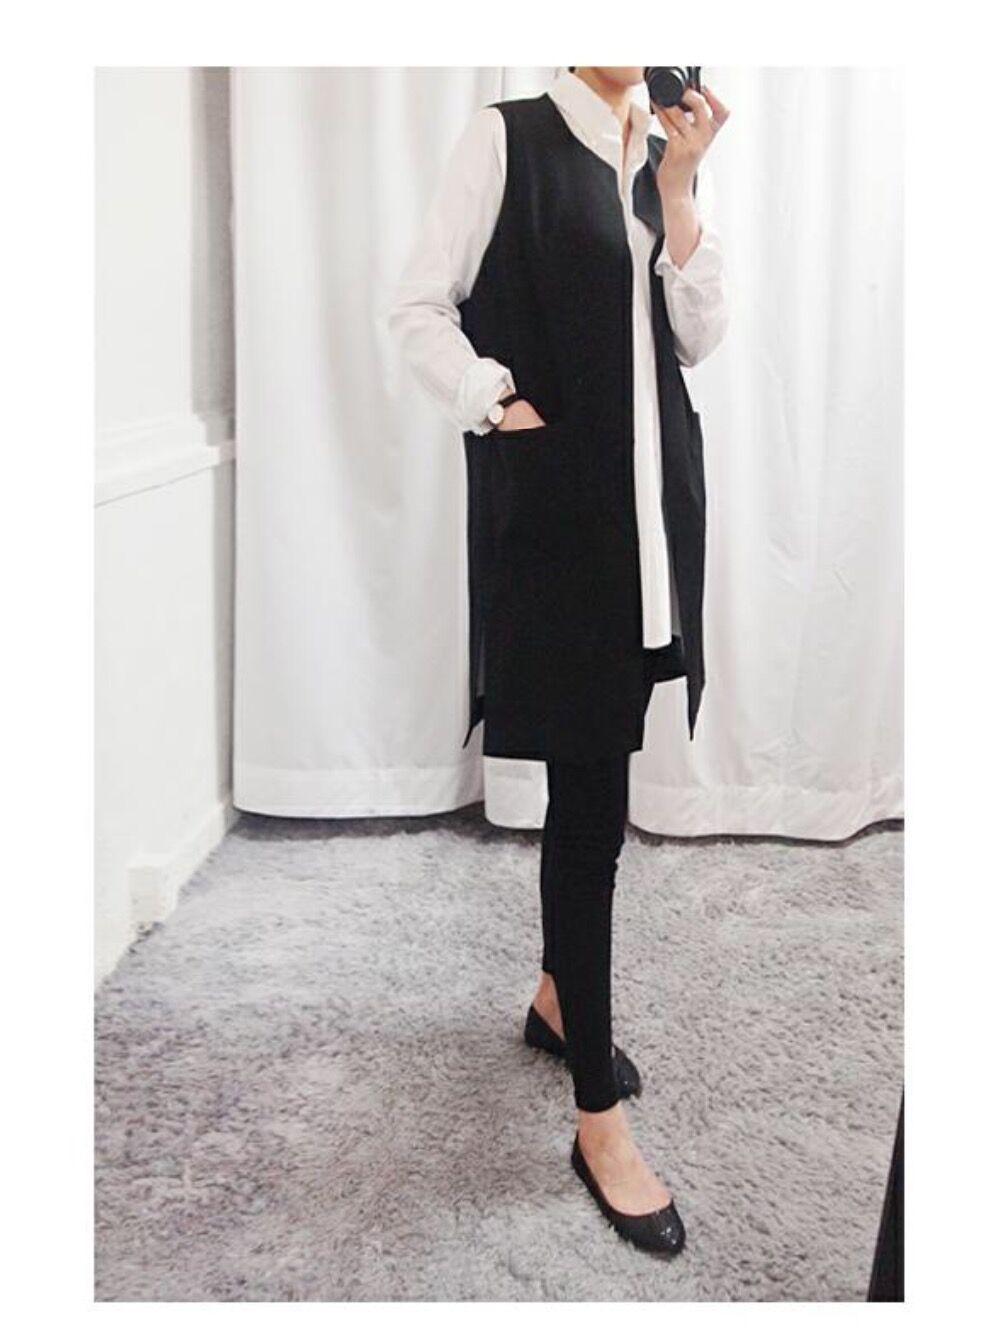 Korean package mail spring and summer thin womens new sleeveless thin waistcoat waistcoat fashion z56